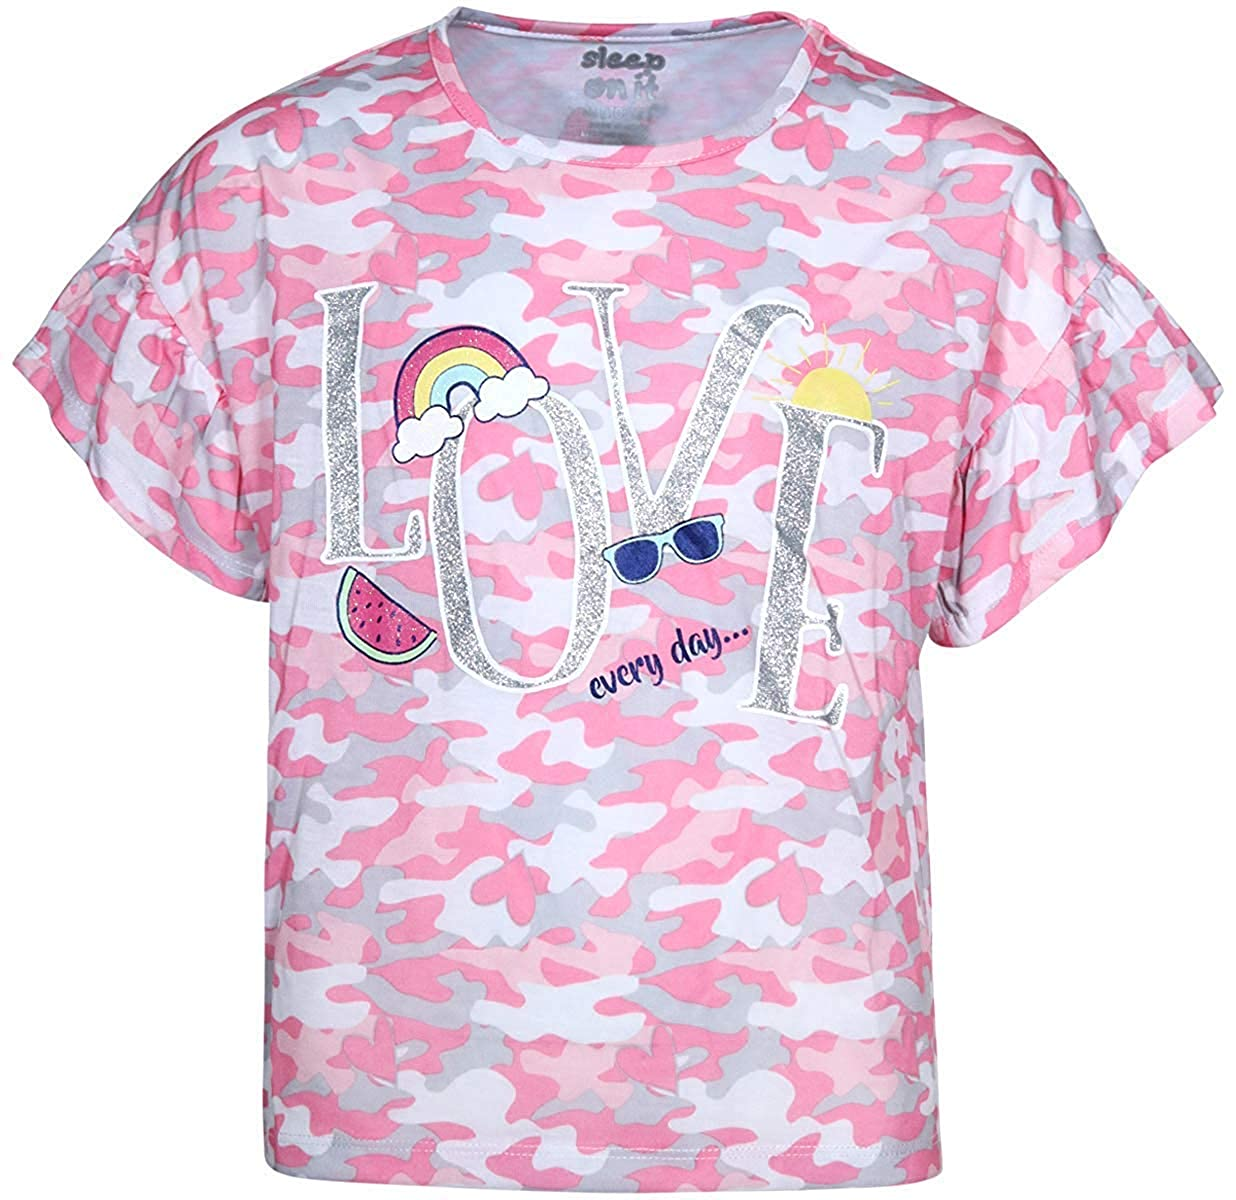 Sleep On It Girls Sleepwear Short Sleeve Tee and Shorts Pajama Set